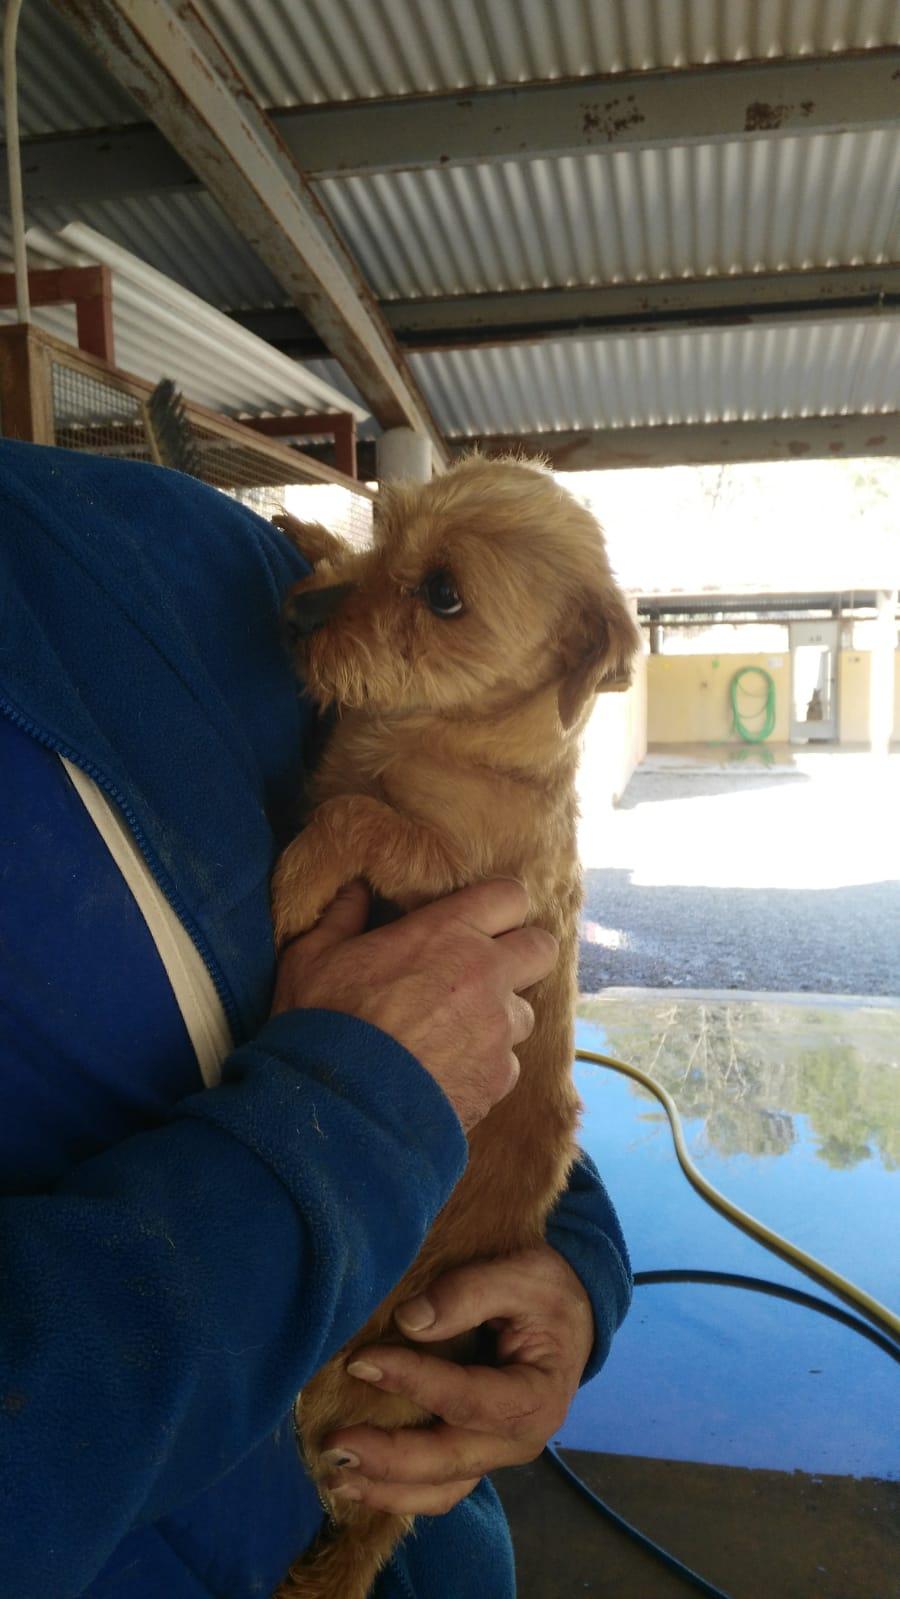 Bildertagebuch - Dakota, eine ganz süße kleine Maus lebte unter schlechten Bedingungen und wurde endlich befreit...VERMITTELT! 35124136uh